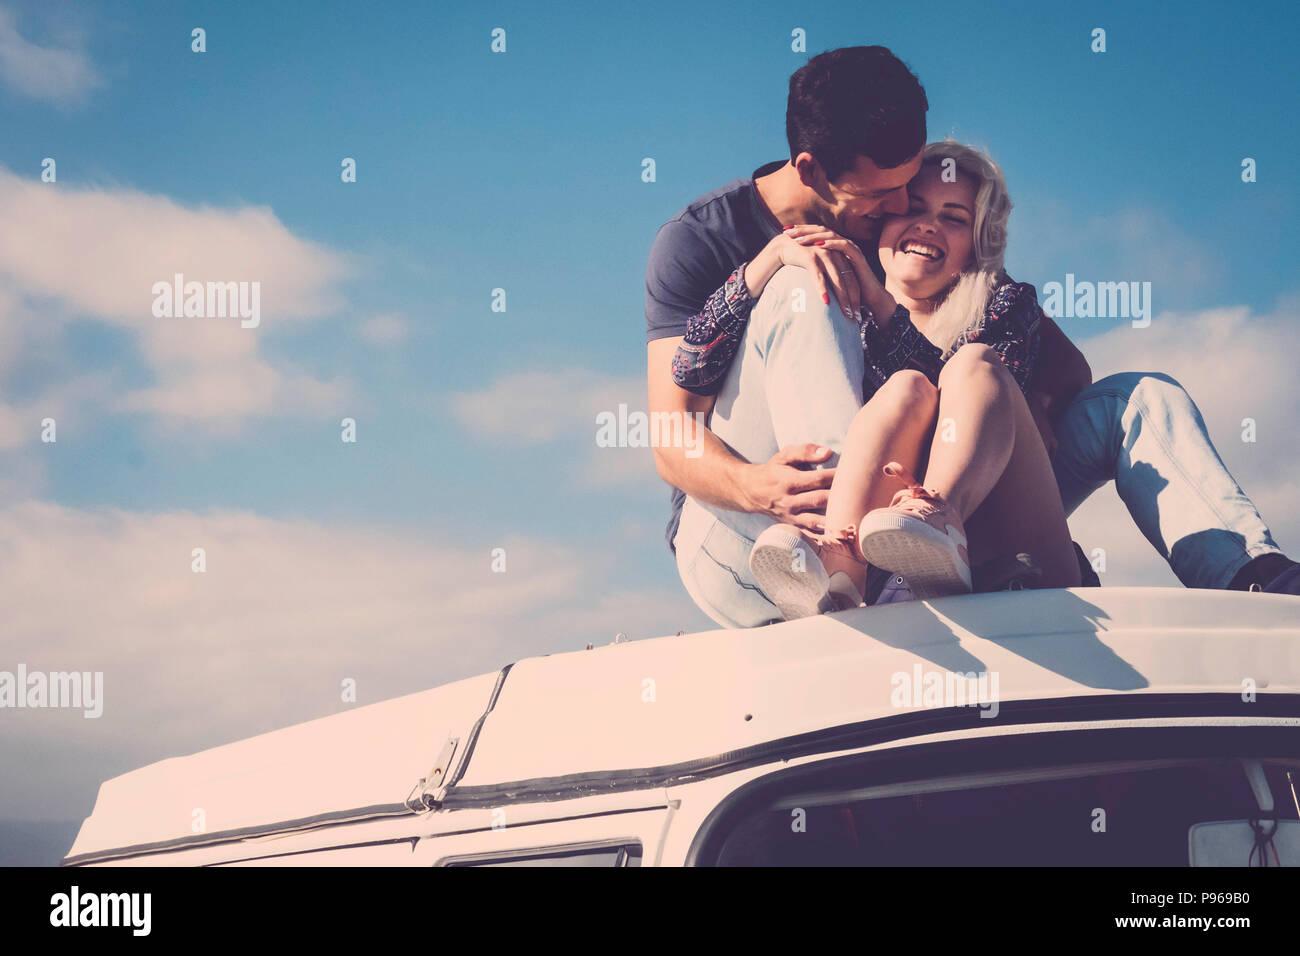 Cáucaso hermoso par de modelo natural permanecer juntos en relación al techo de una vendimia camper. La amistad y el amor entre niños y niñas yo Imagen De Stock